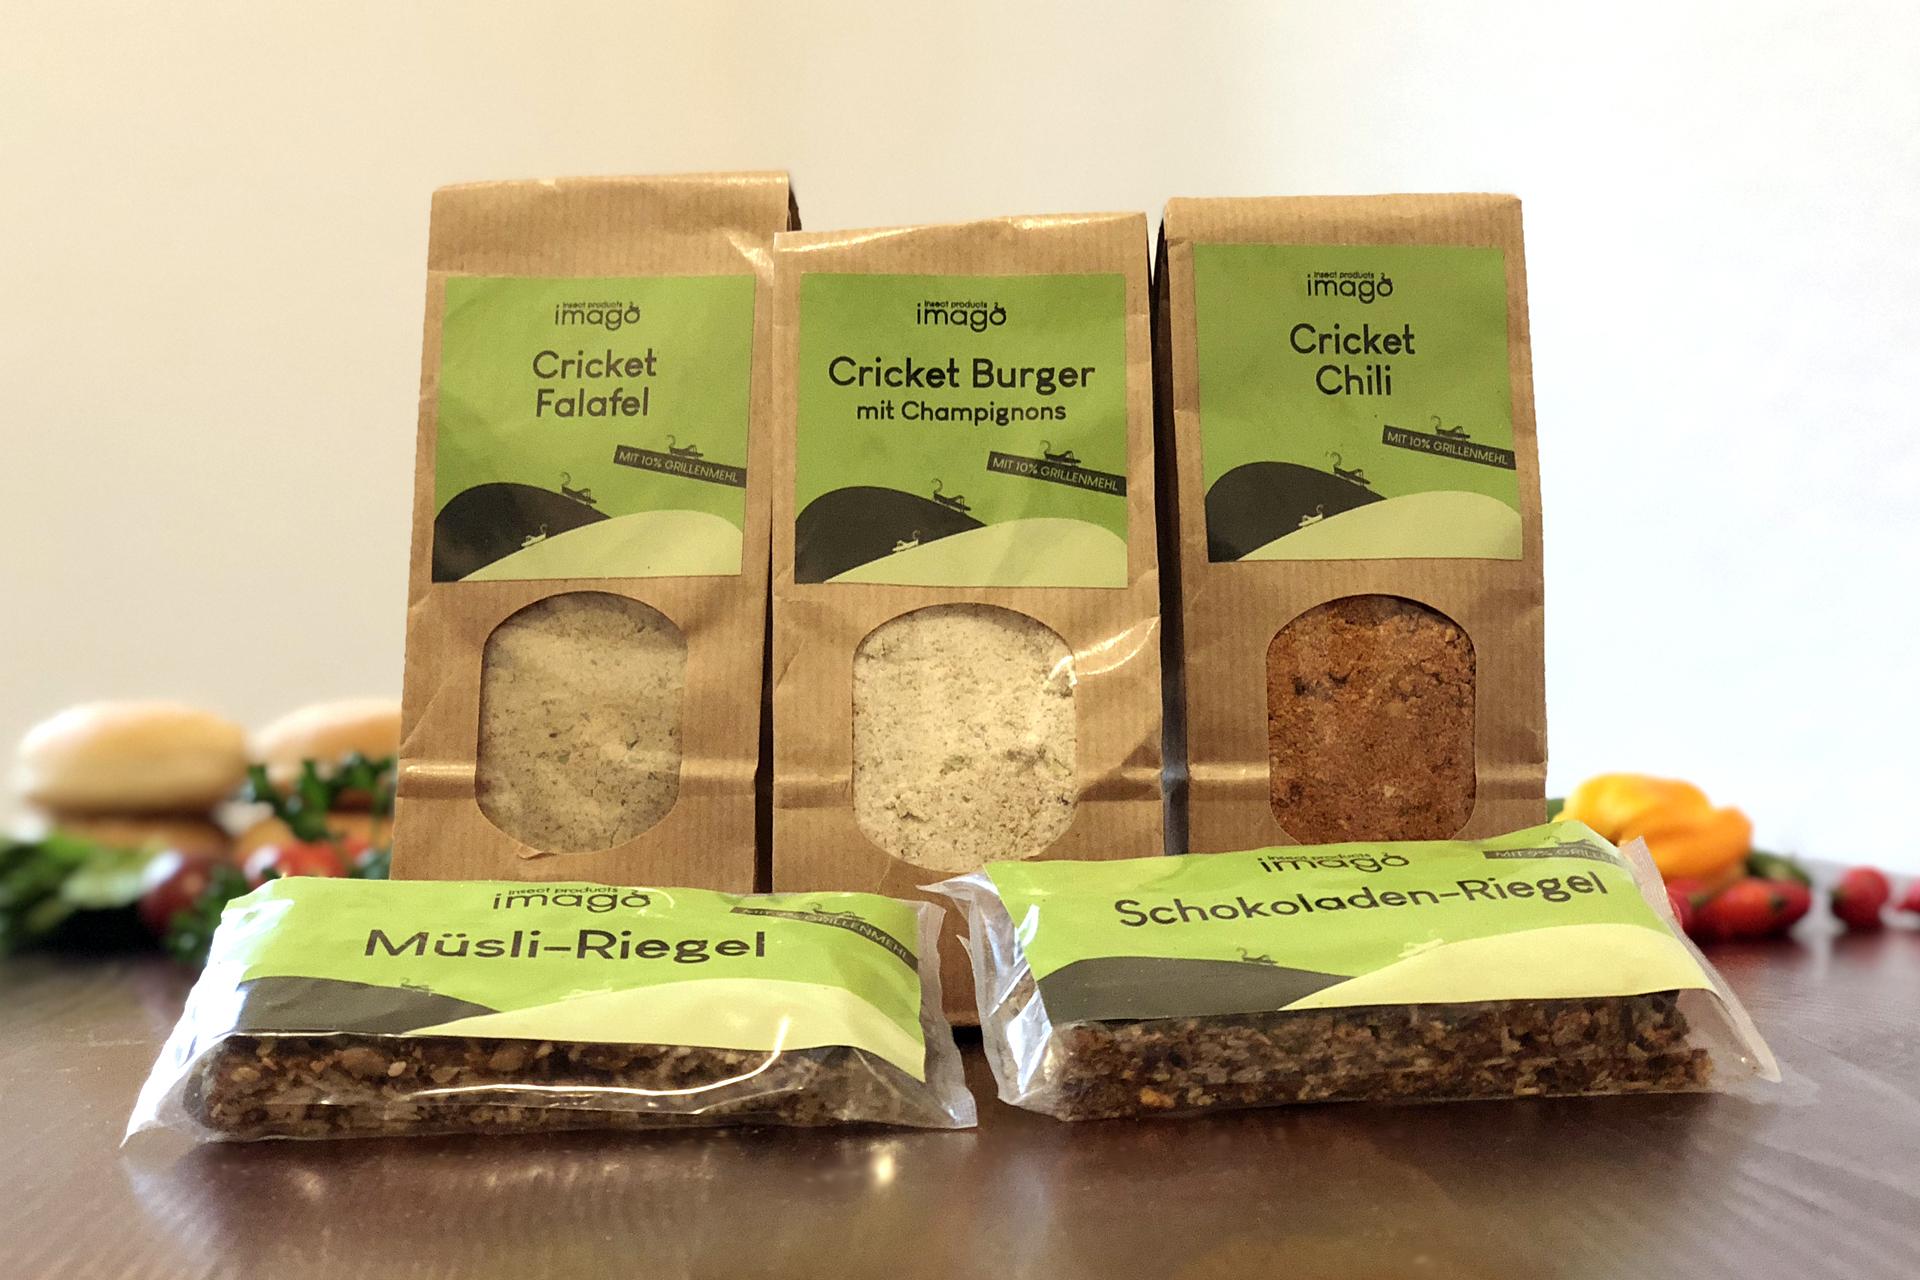 Produkte von Imago Insect Products: Insekten-Falafel, Insekten-Burger, Chili und Schokoriegel